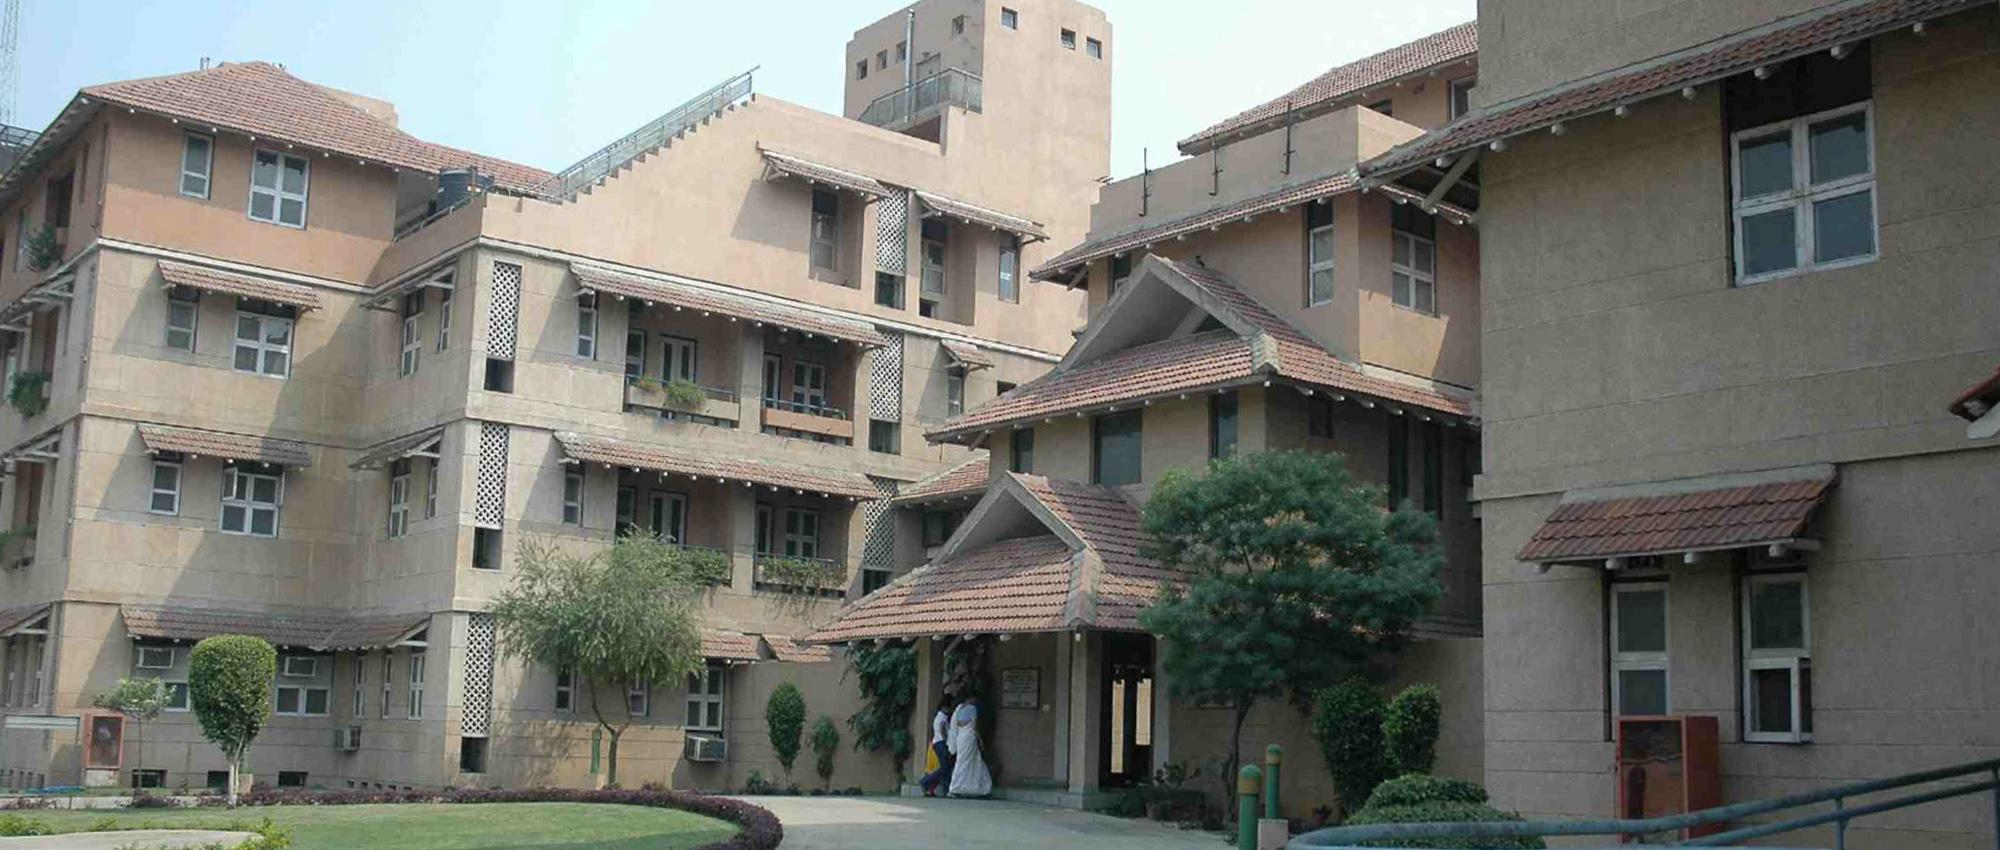 Arya Vaidyasala Kottakal Hospital - Vikas Marg - Delhi Image